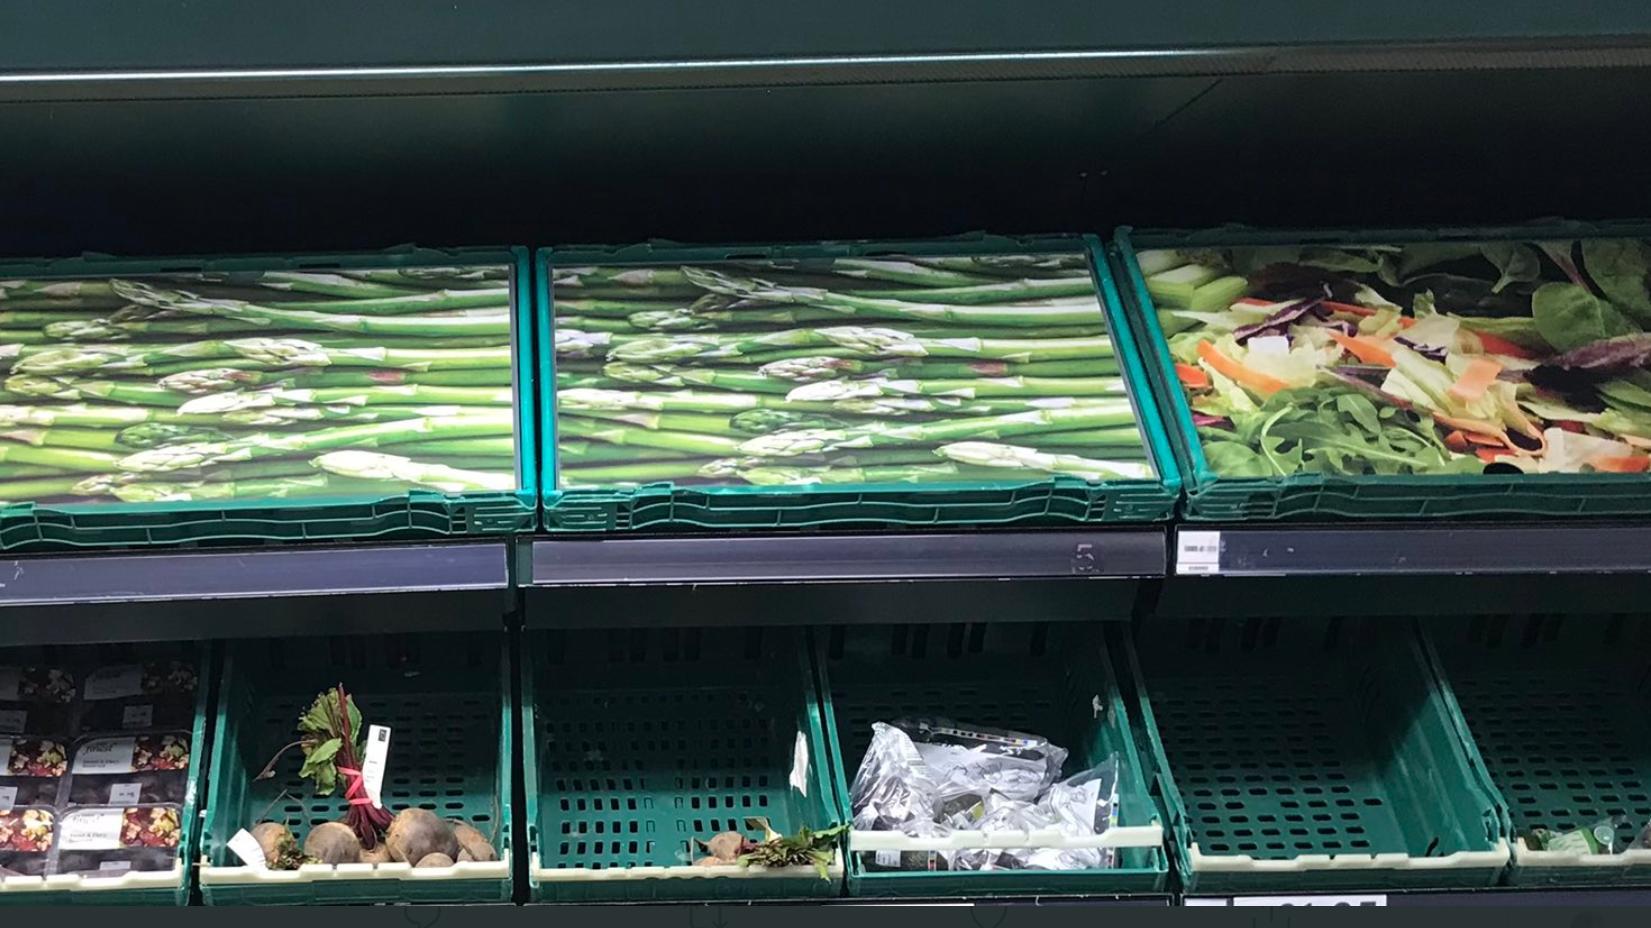 statt-echtem-gemuse-gibt-es-in-diesem-britischen-supermarkt-papp-spargel-und-salat